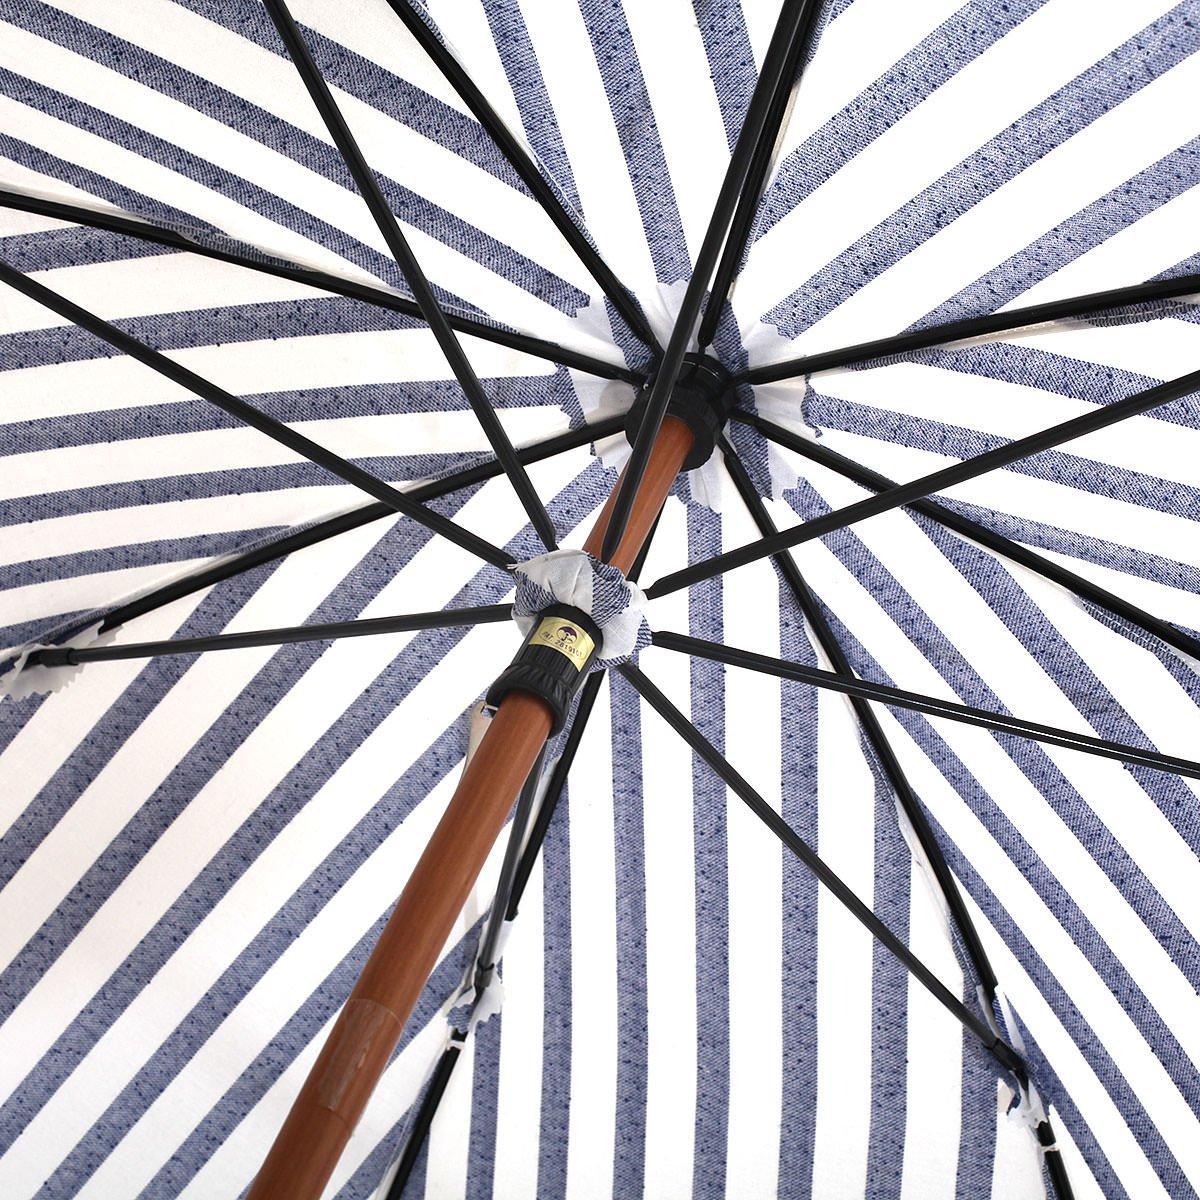 【晴雨兼用傘】レディース ネップストライプ 長傘 詳細画像6